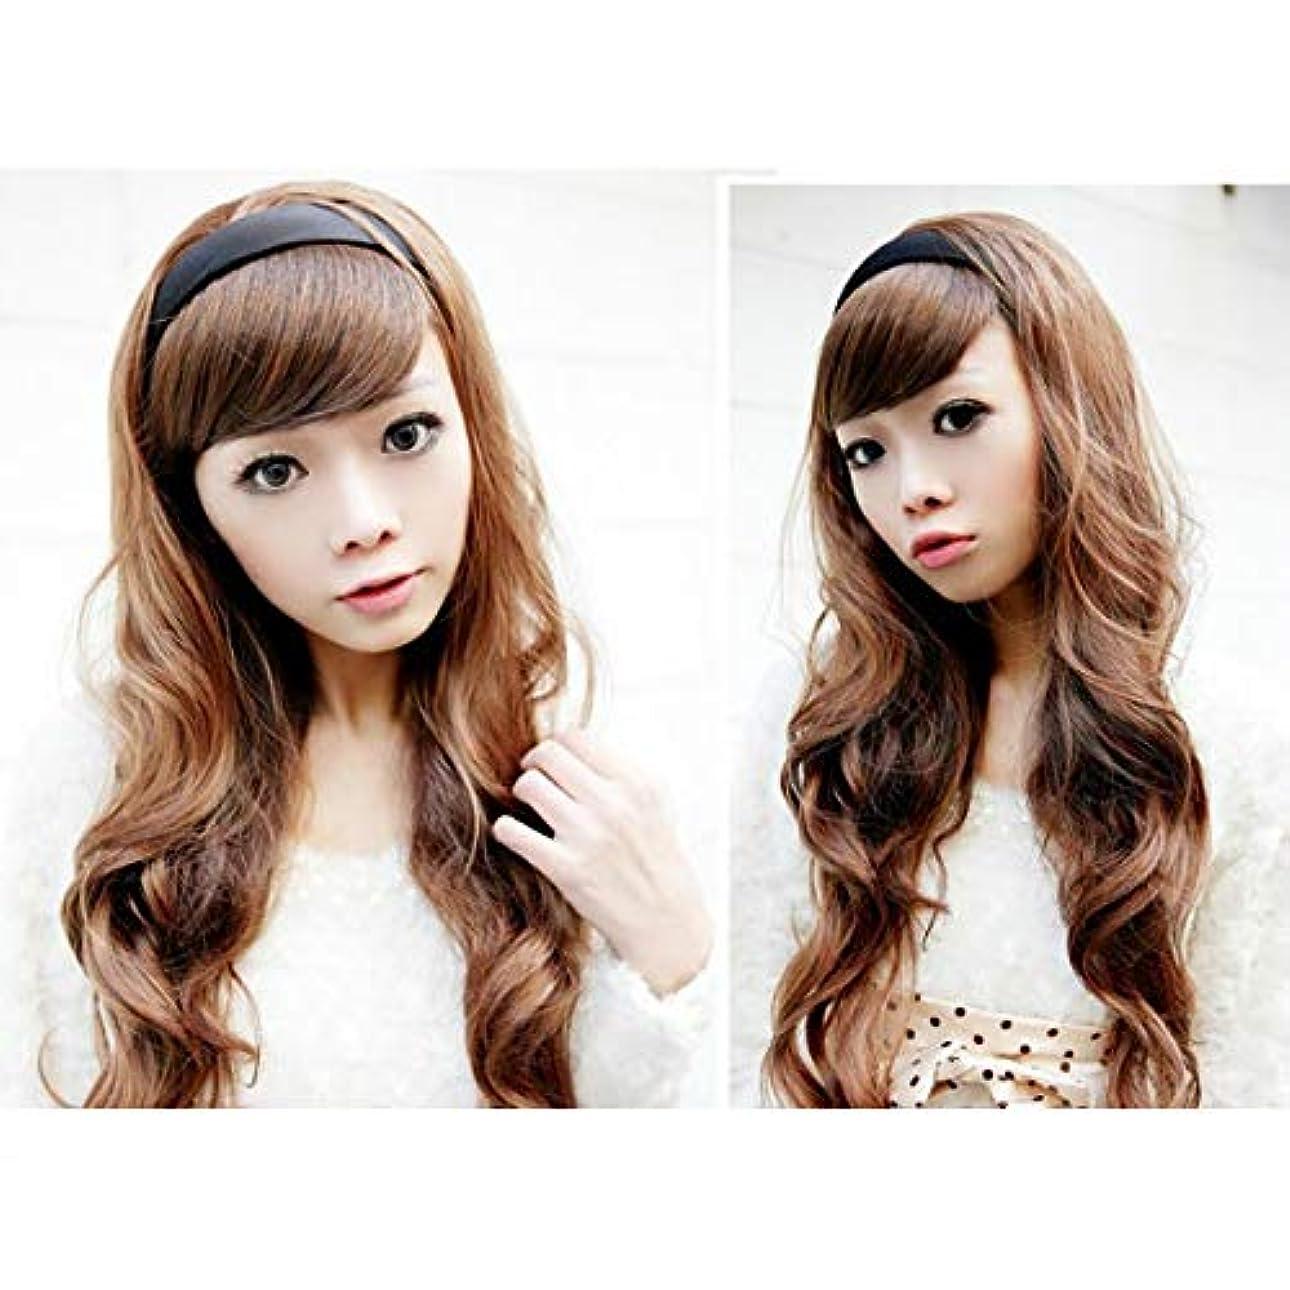 産地歩道研磨YZUEYT 女性の毛のウィッグは、黒いフープのヘッドブランドと長い波状 YZUEYT (Color : Color Dark Brown, Size : One size)